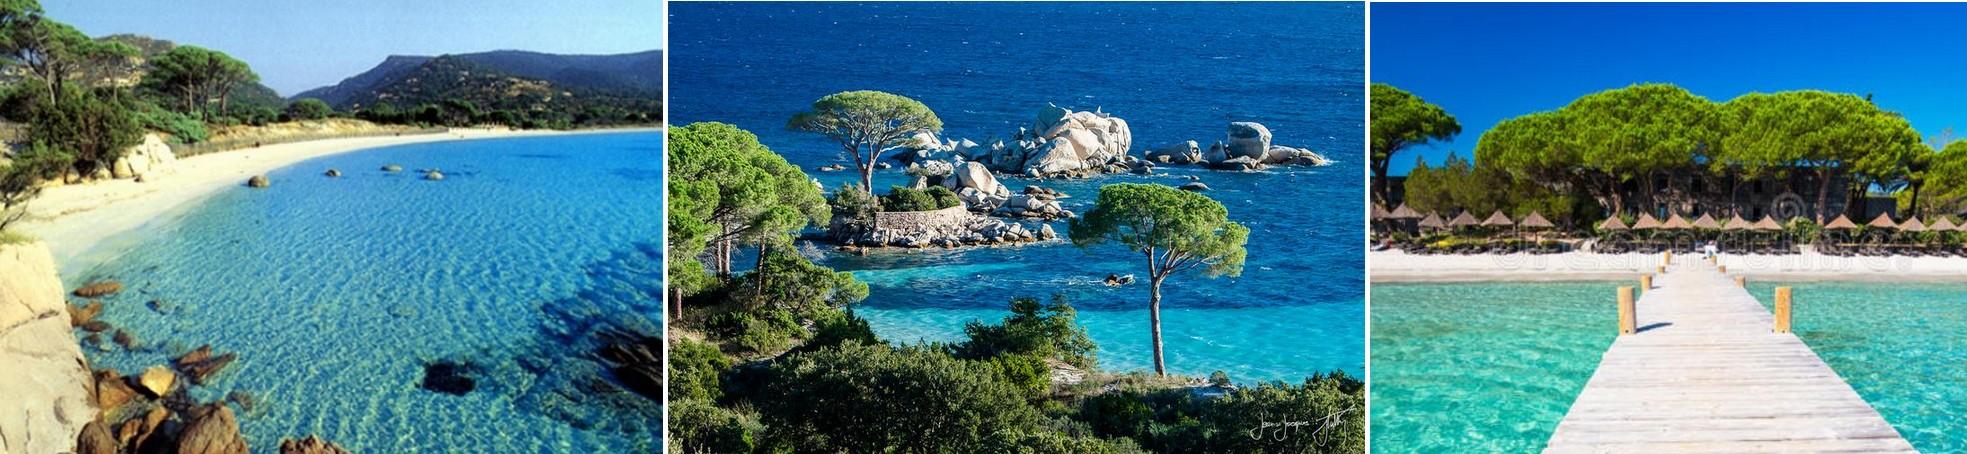 plages-connues-porto-vecchio-corse